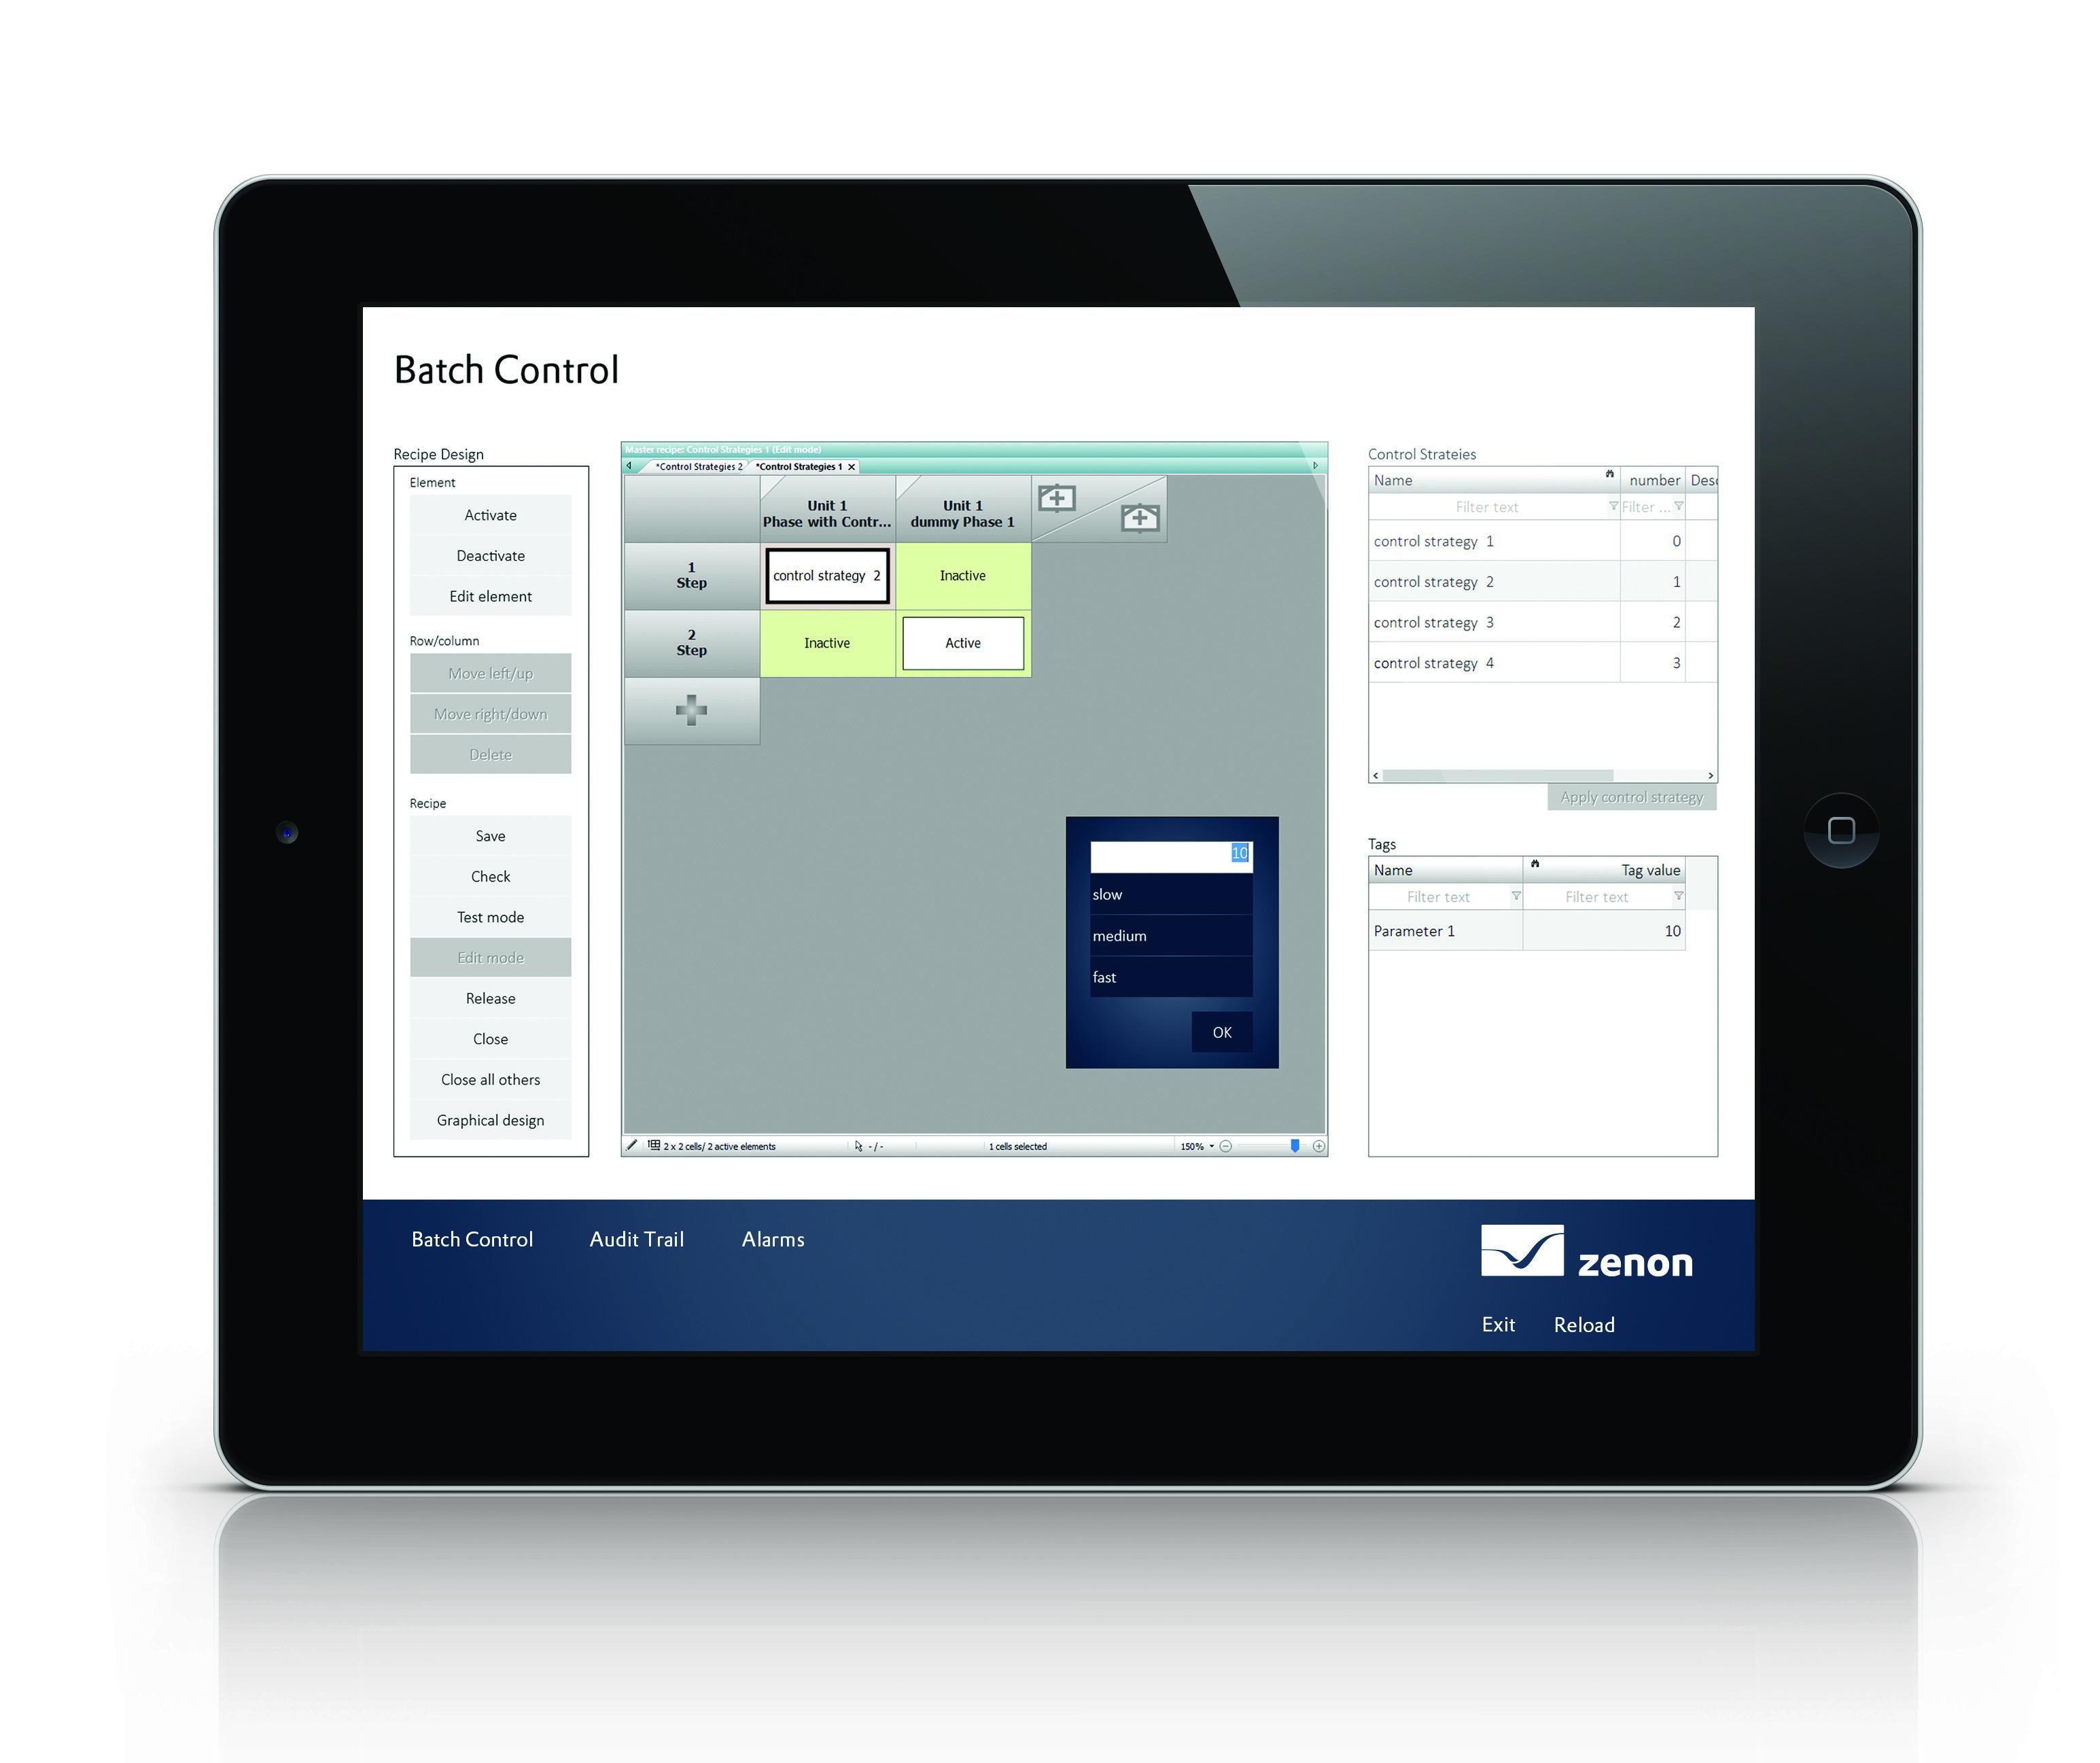 Moduł Batch Control w oprogramowaniu zenon 8.00 pozwala uzyskać stały, zautomatyzowany przepływ pracy w ramach przesyłania podstawowych receptur. Moduł umożliwia import tworzonych zewnętrznie receptur, które można następnie wysyłać bezpośrednio do produkcji.